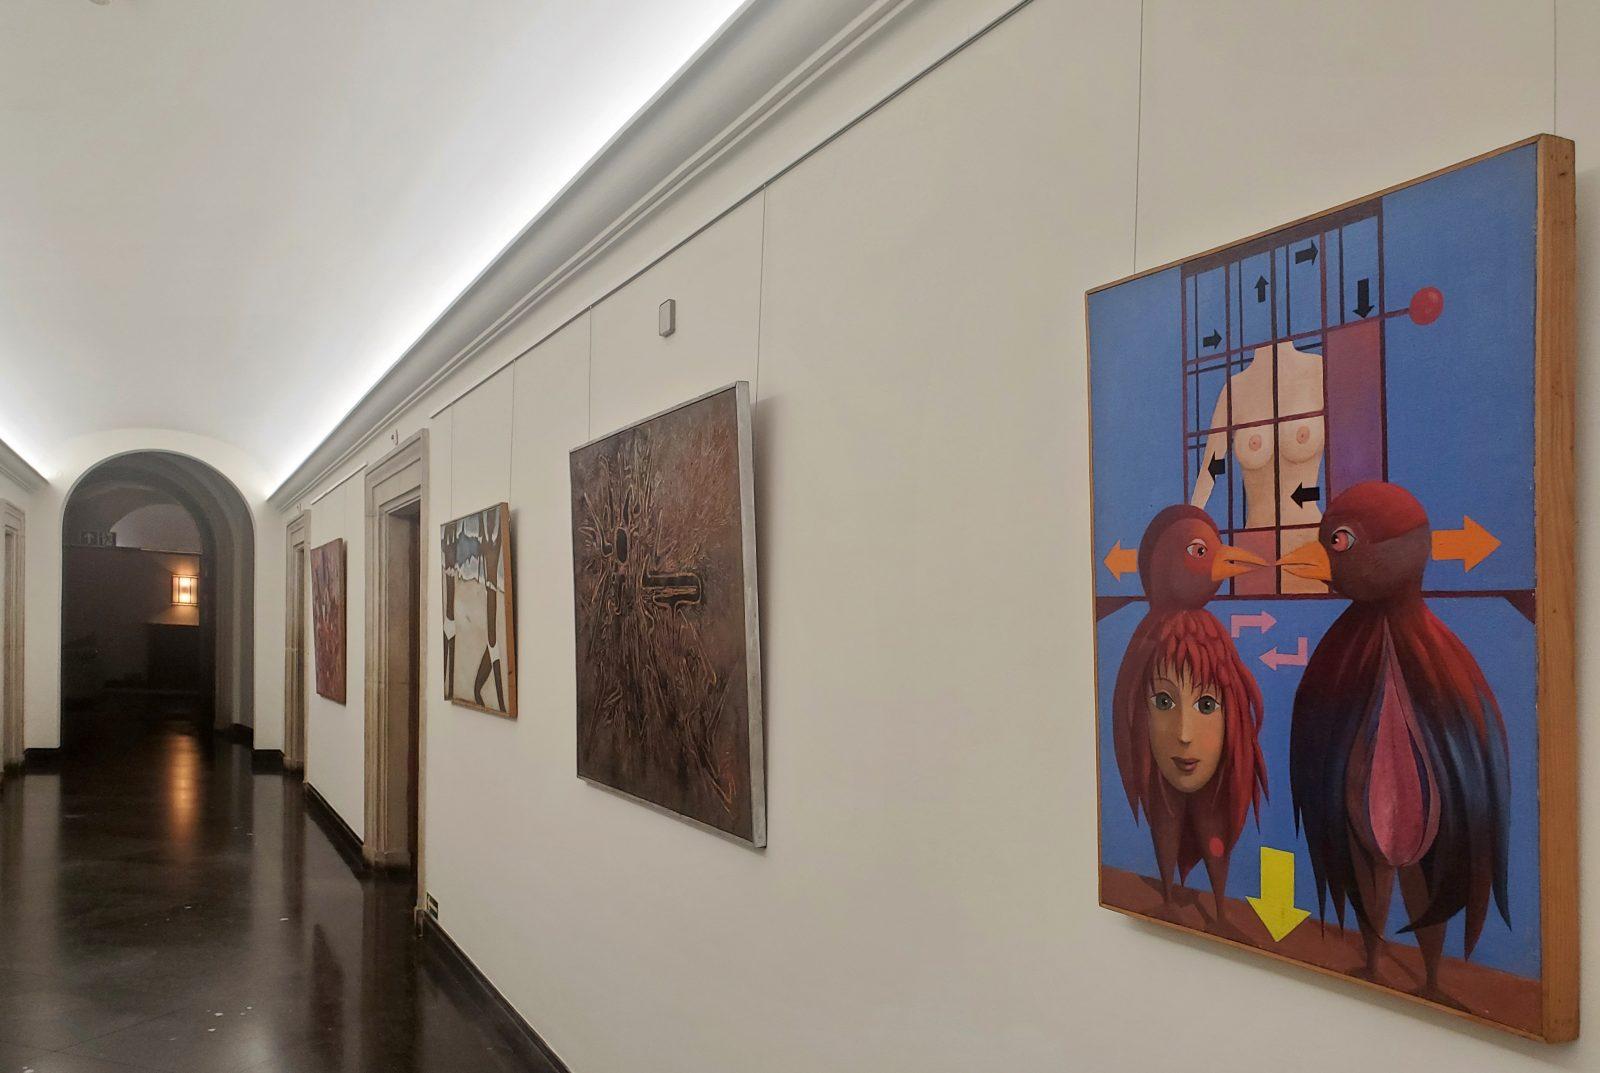 Wystawa malarstwa współczesnego<br> nakorytarzu Ip. <br>w budynku nr5. Napierwszym planie <br>obraz Kazimierza Mikulskiego, <br>  fot. S. Majoch, 2021